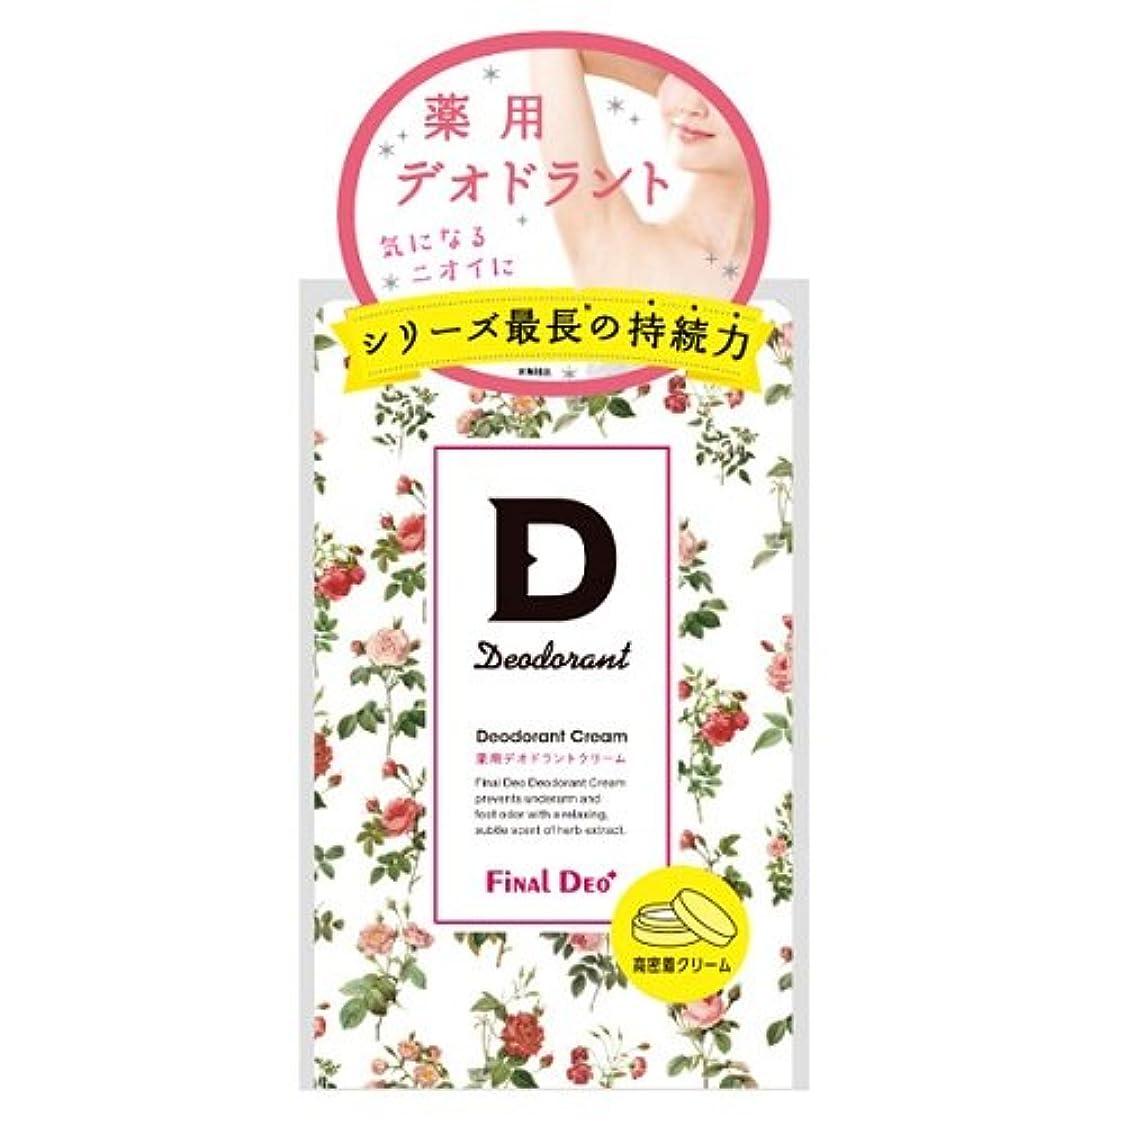 防ぐそれぞれ懐疑的ときわ商会 薬用デオドラントクリーム ファイナルデオプラス 10g